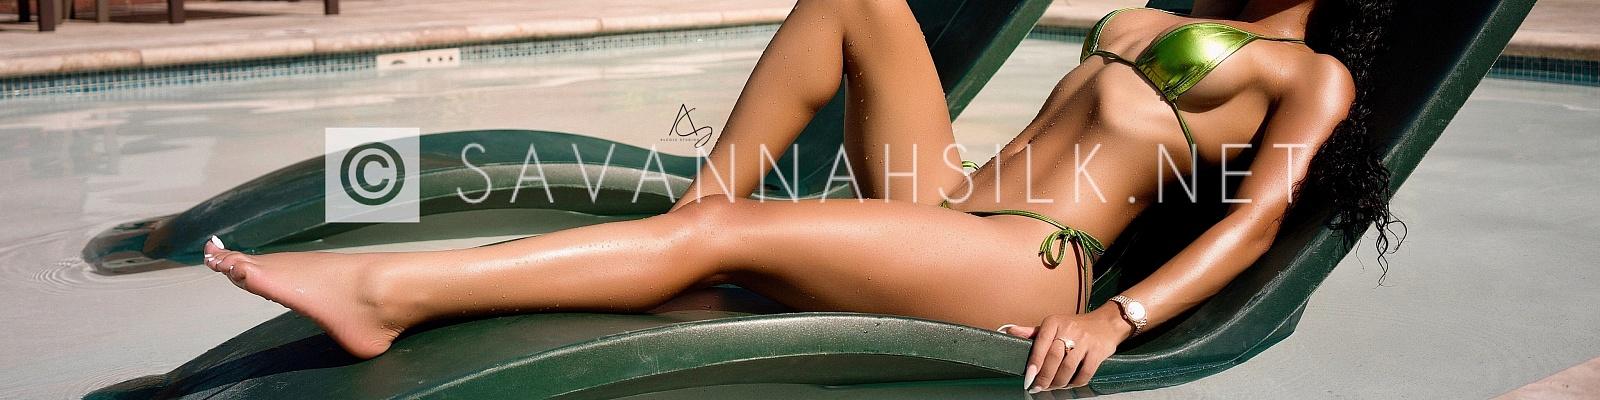 Savannah Silk's Cover Photo